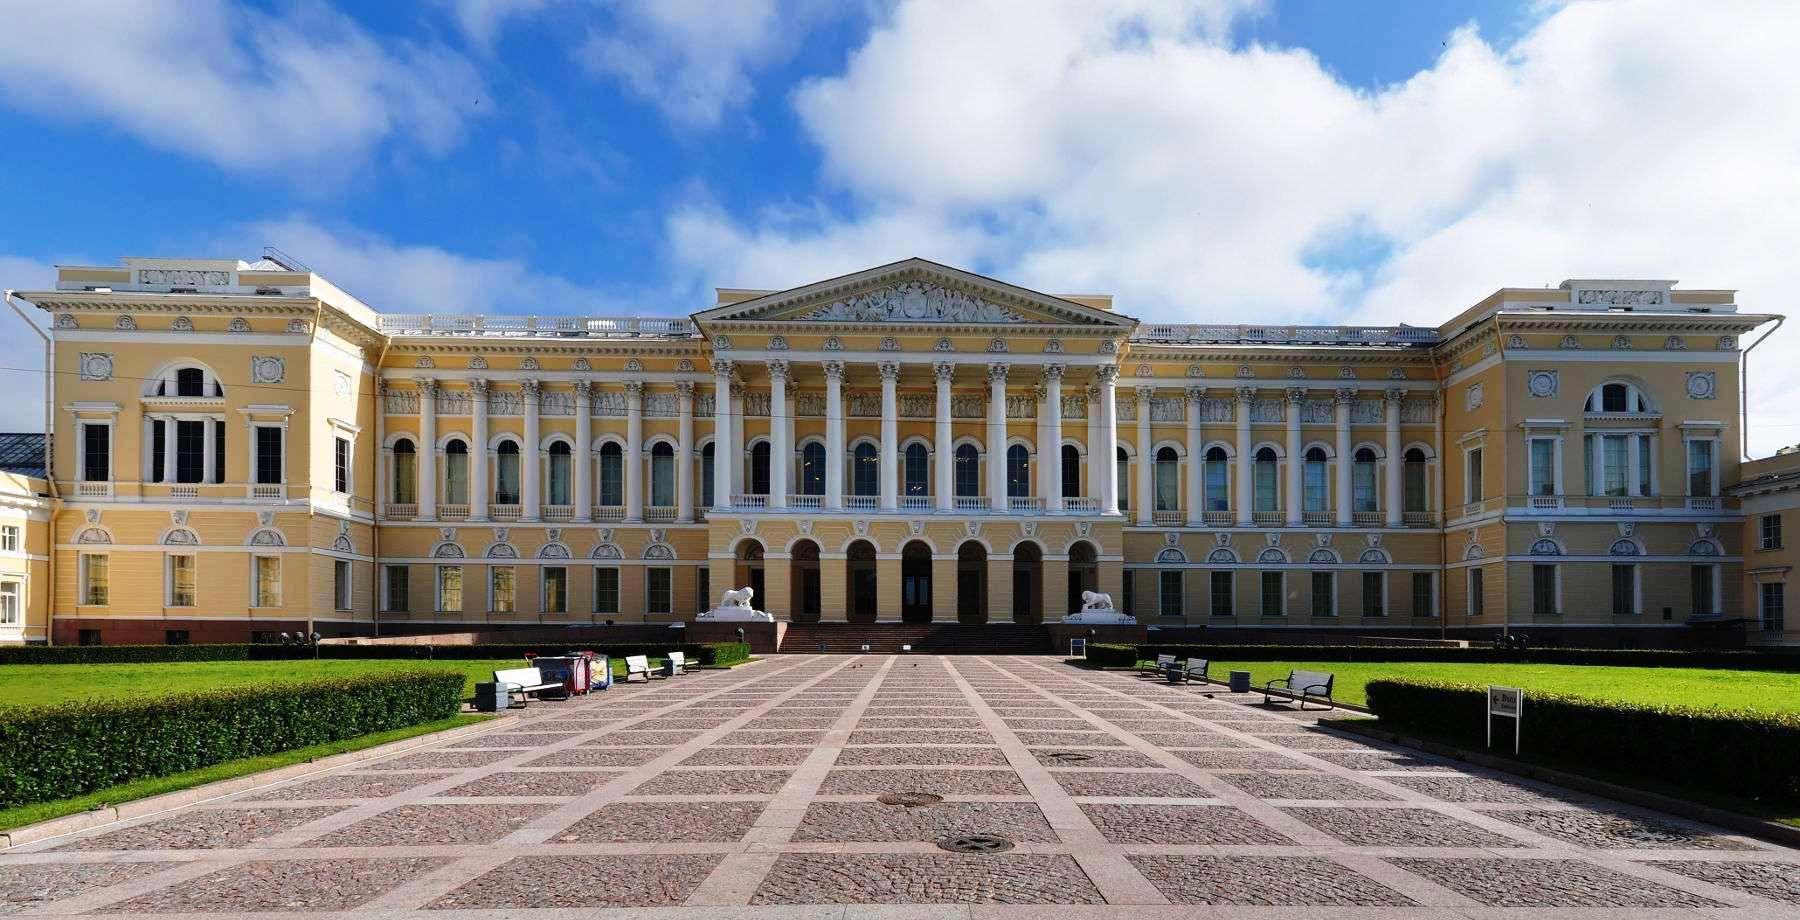 موزه روسی سنت پترزبورگ